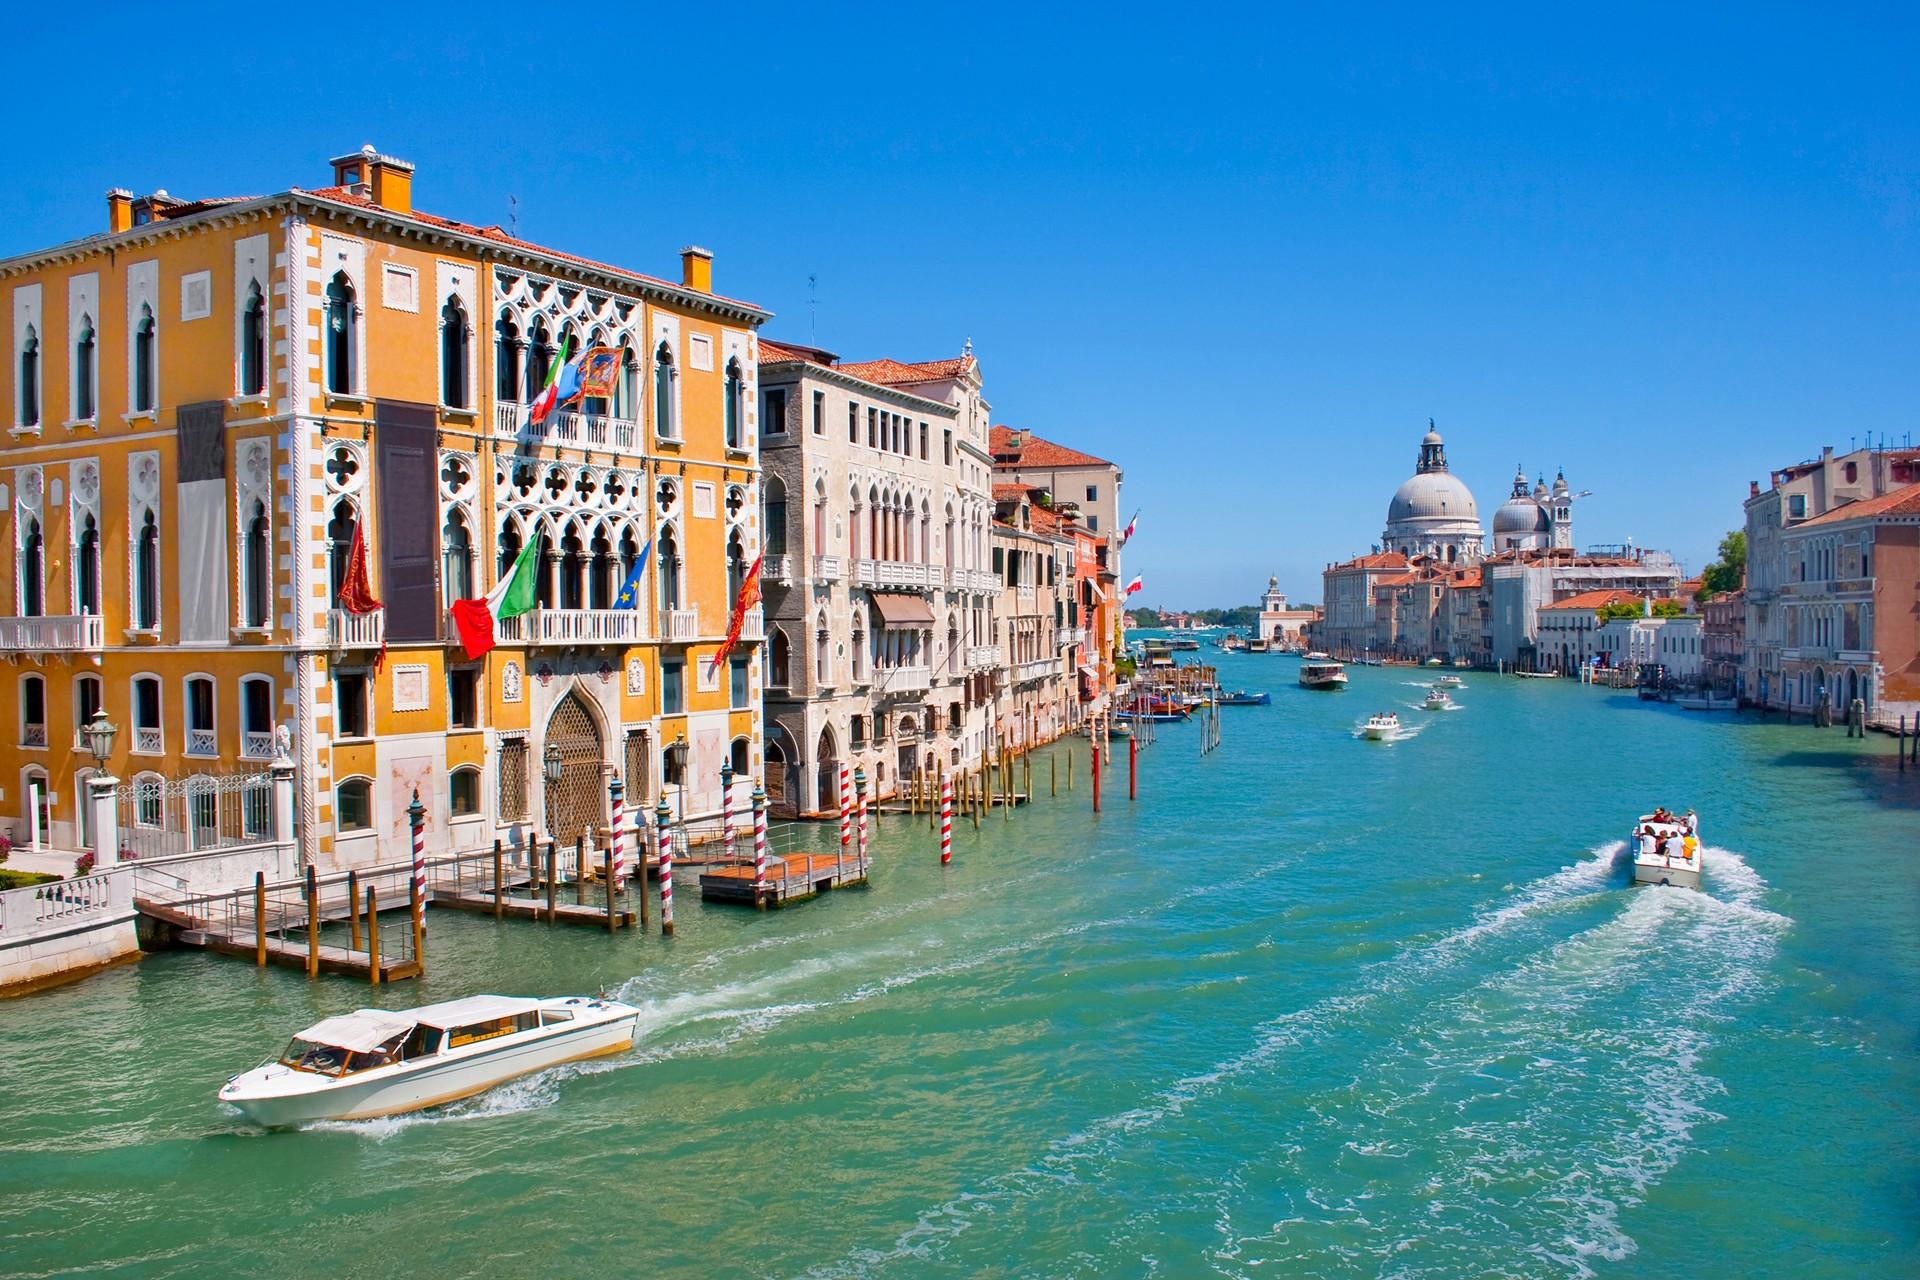 Hotel Veneto Rome Italy